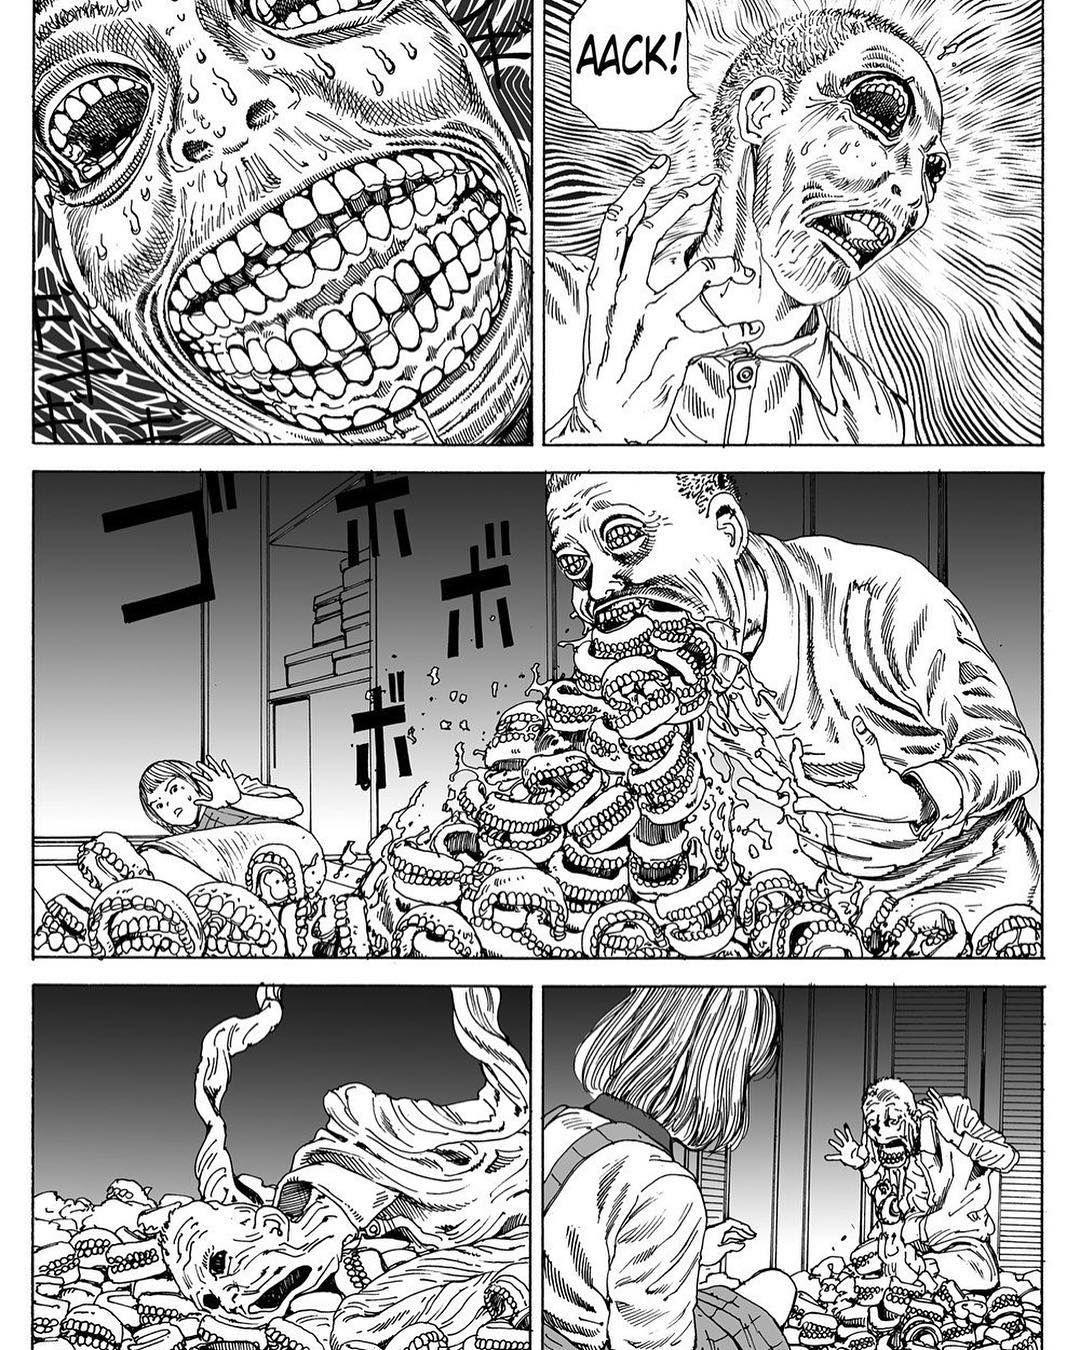 ጁት ⛓️ shintaro_kago manga horror terror gore